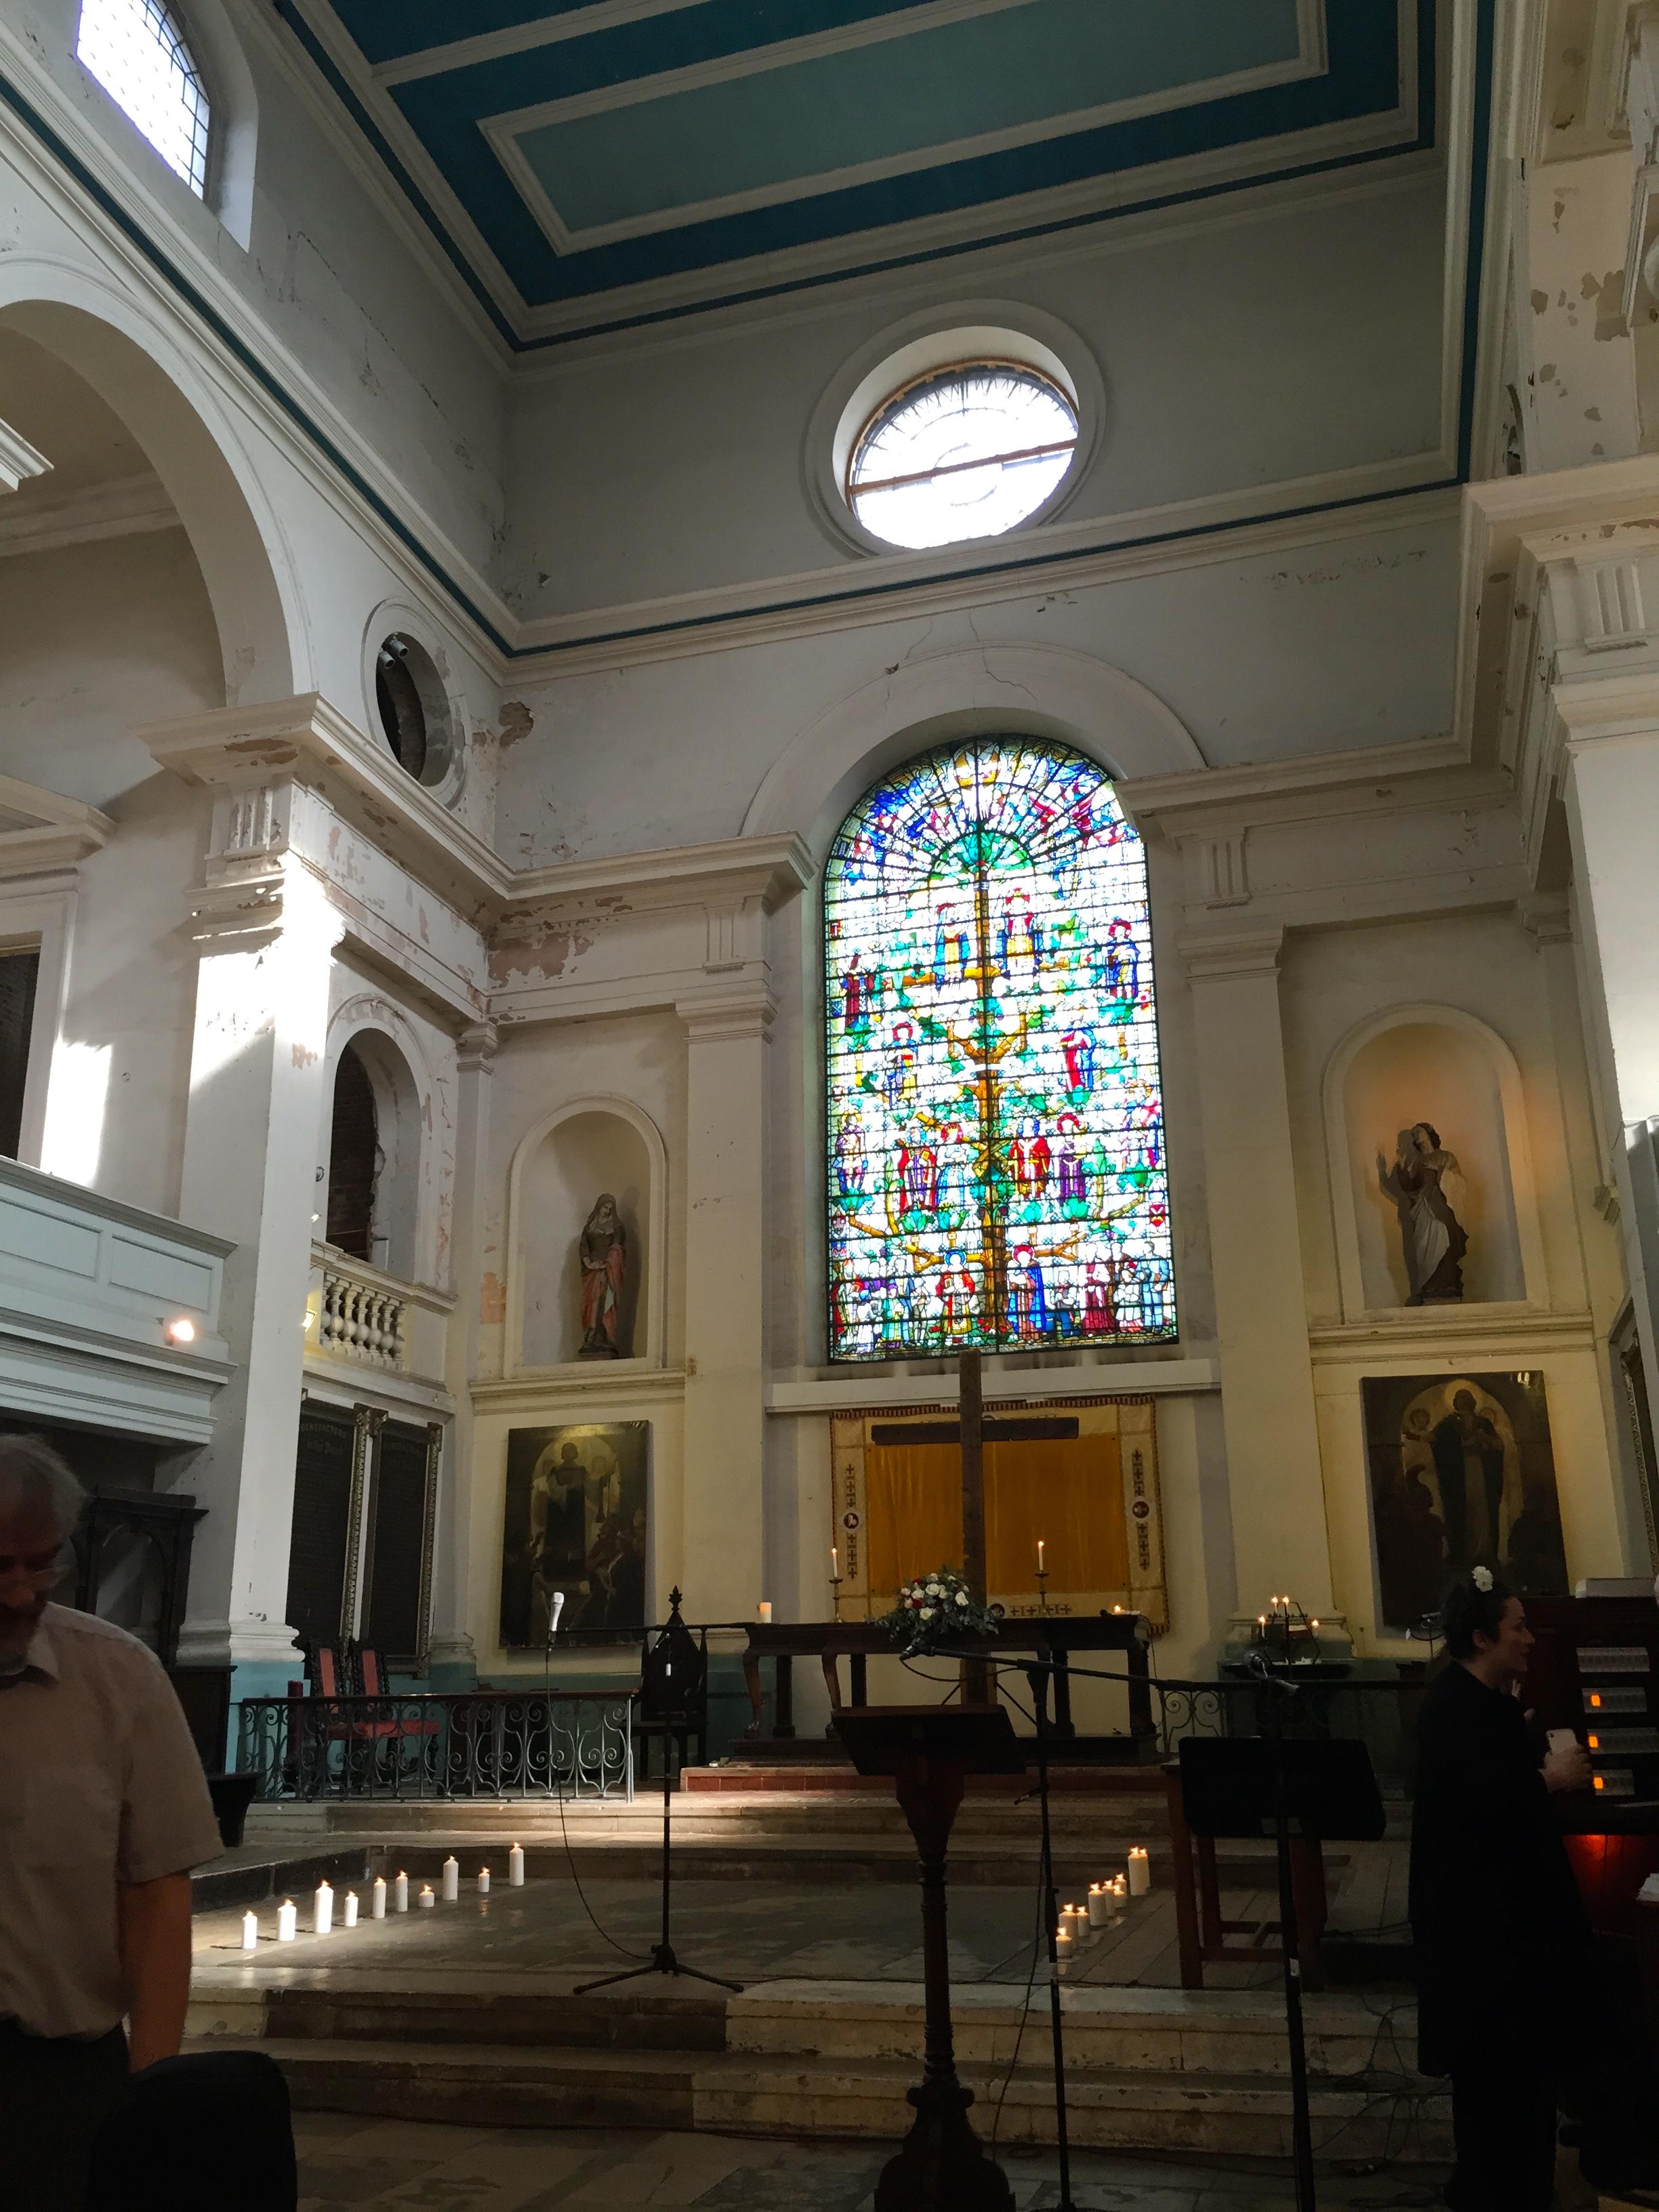 Shoreditch Church: Thursday Doors – St Leonards Church, Shoreditch